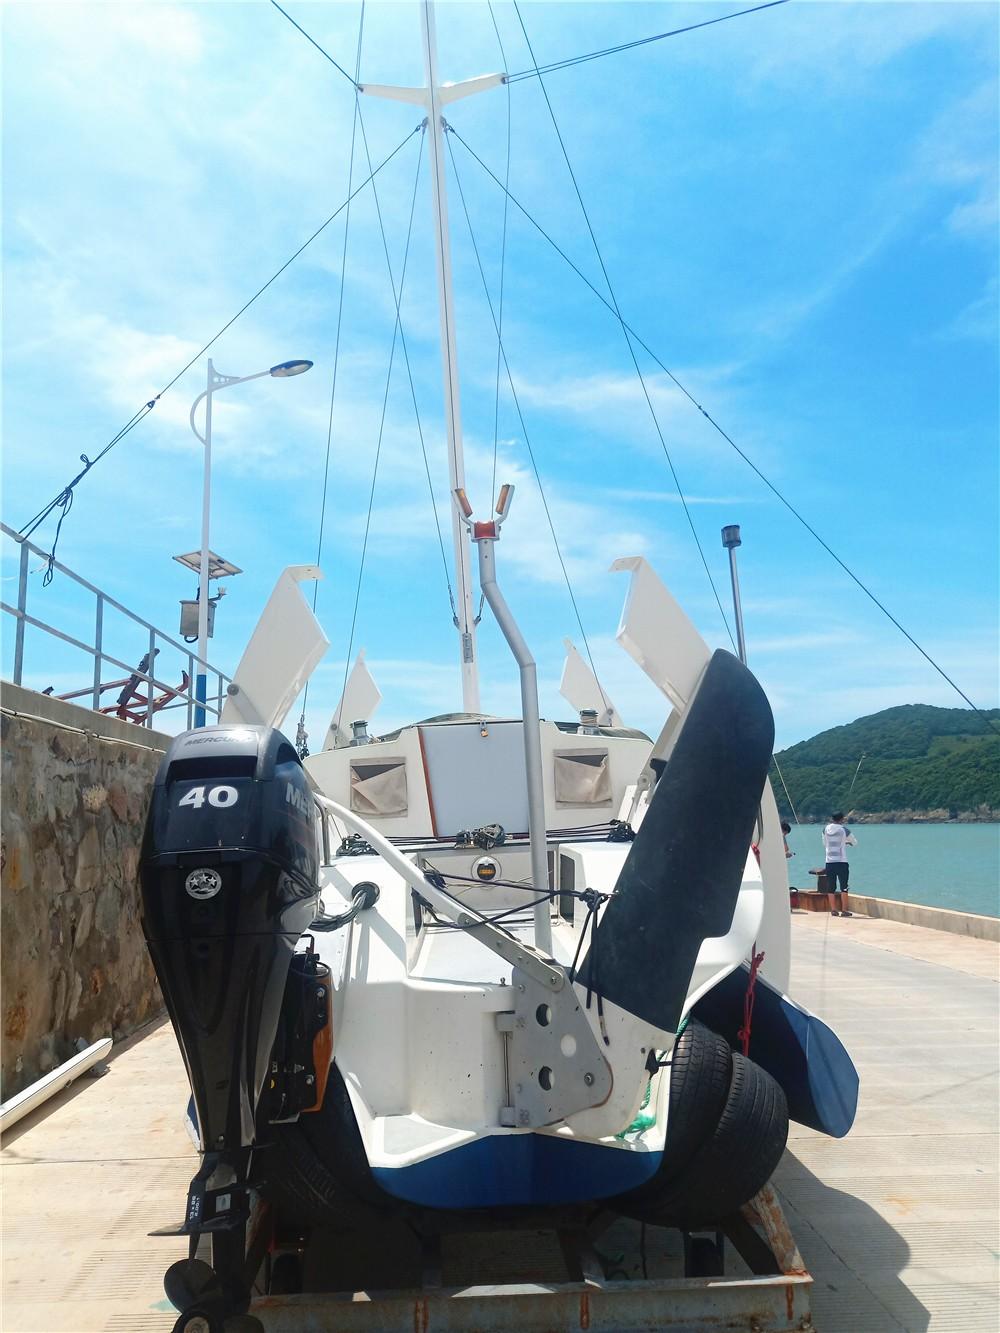 下水,随时,全新,要的,航行 全新二手国产三体29尺帆船 船尾部 223236yskl0n117o4edmld